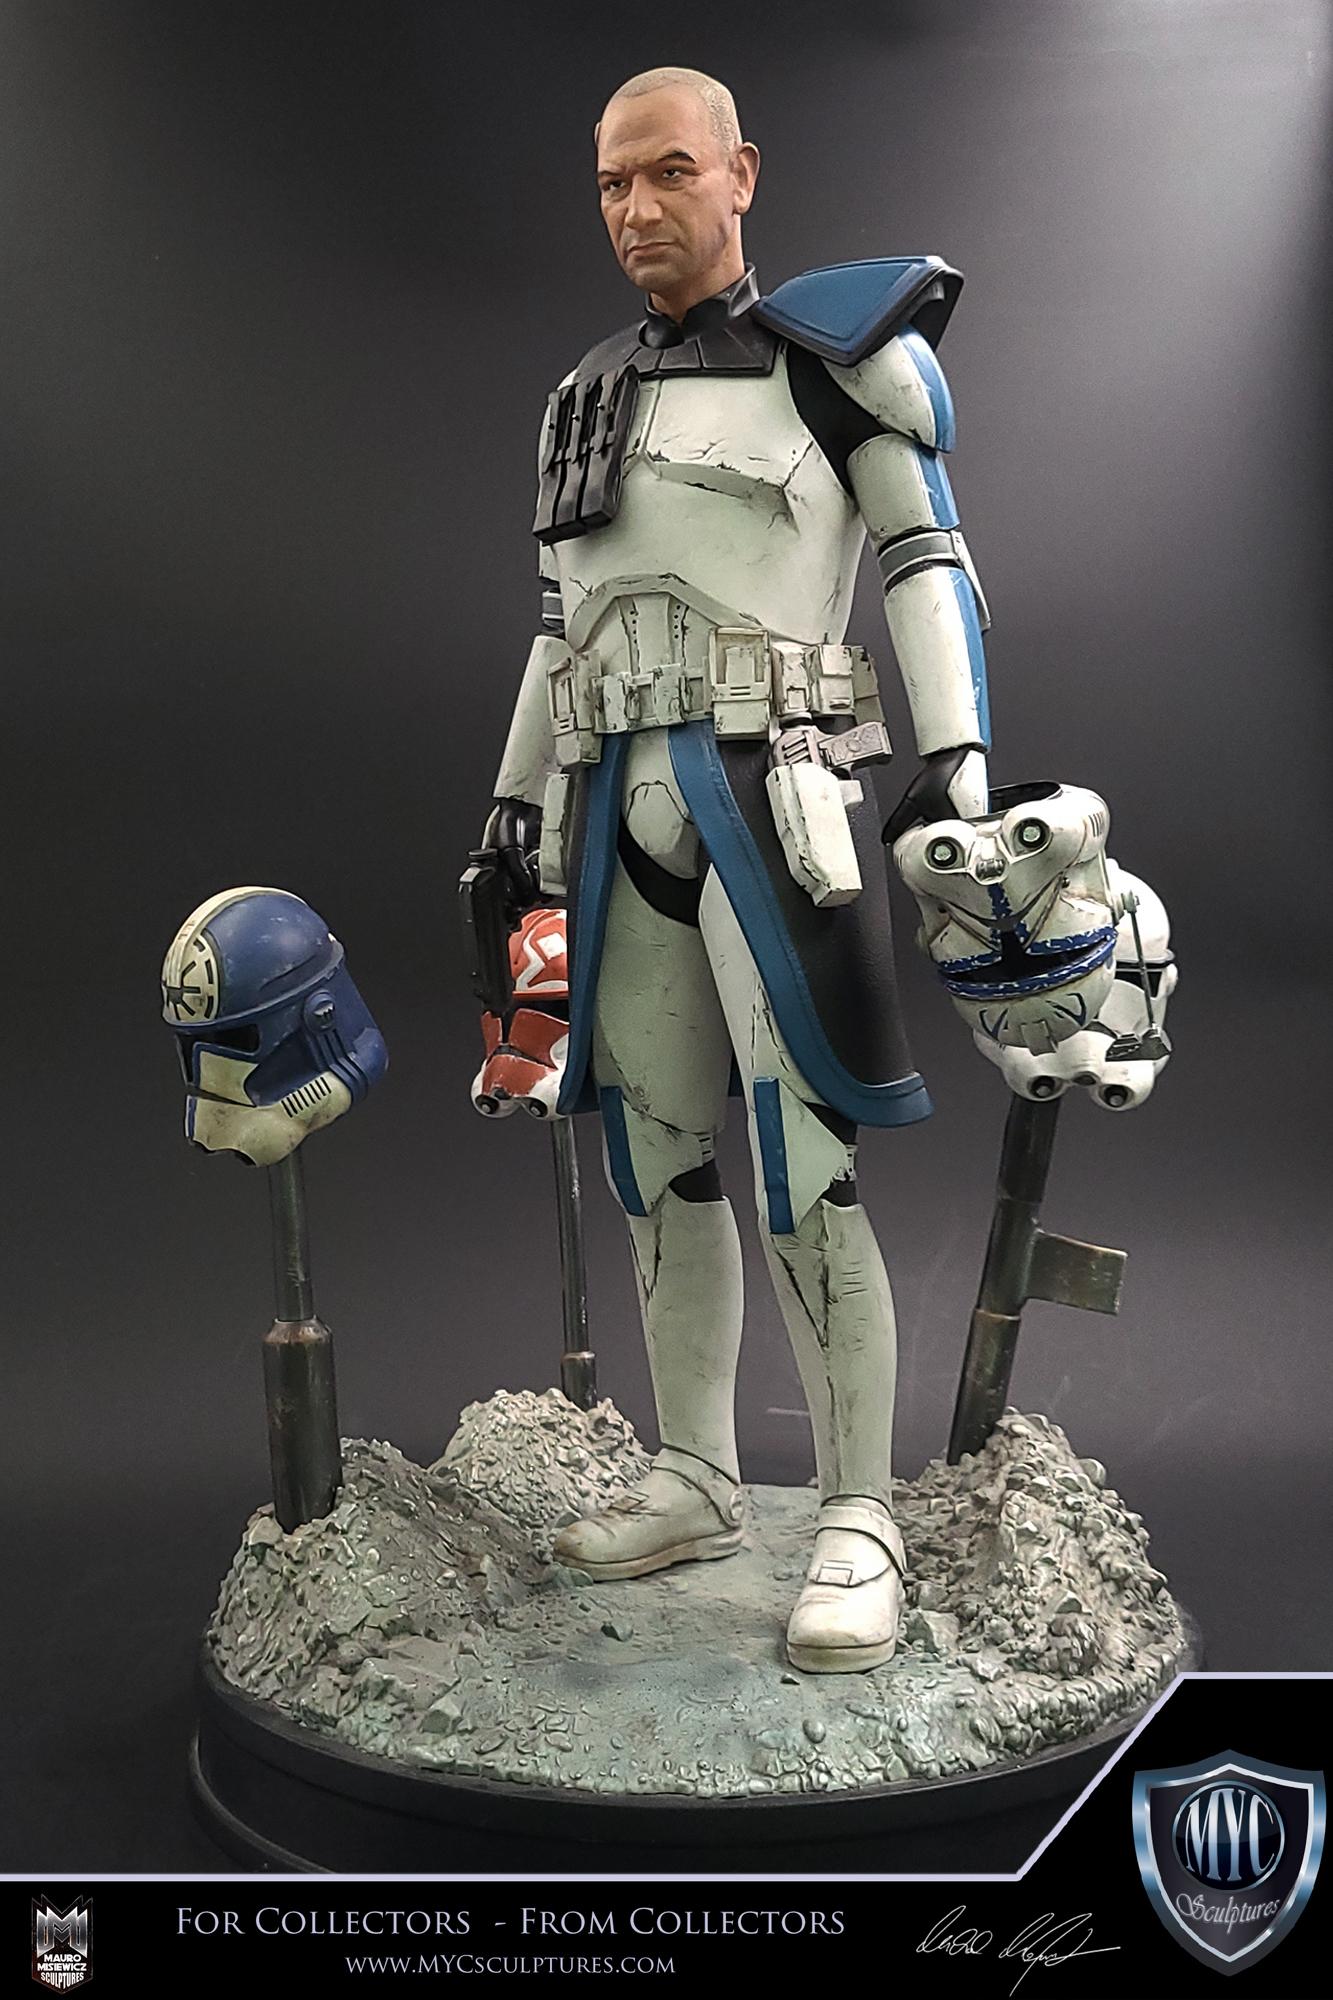 Captain_Rex_Statue_MYC_Sculptures_18